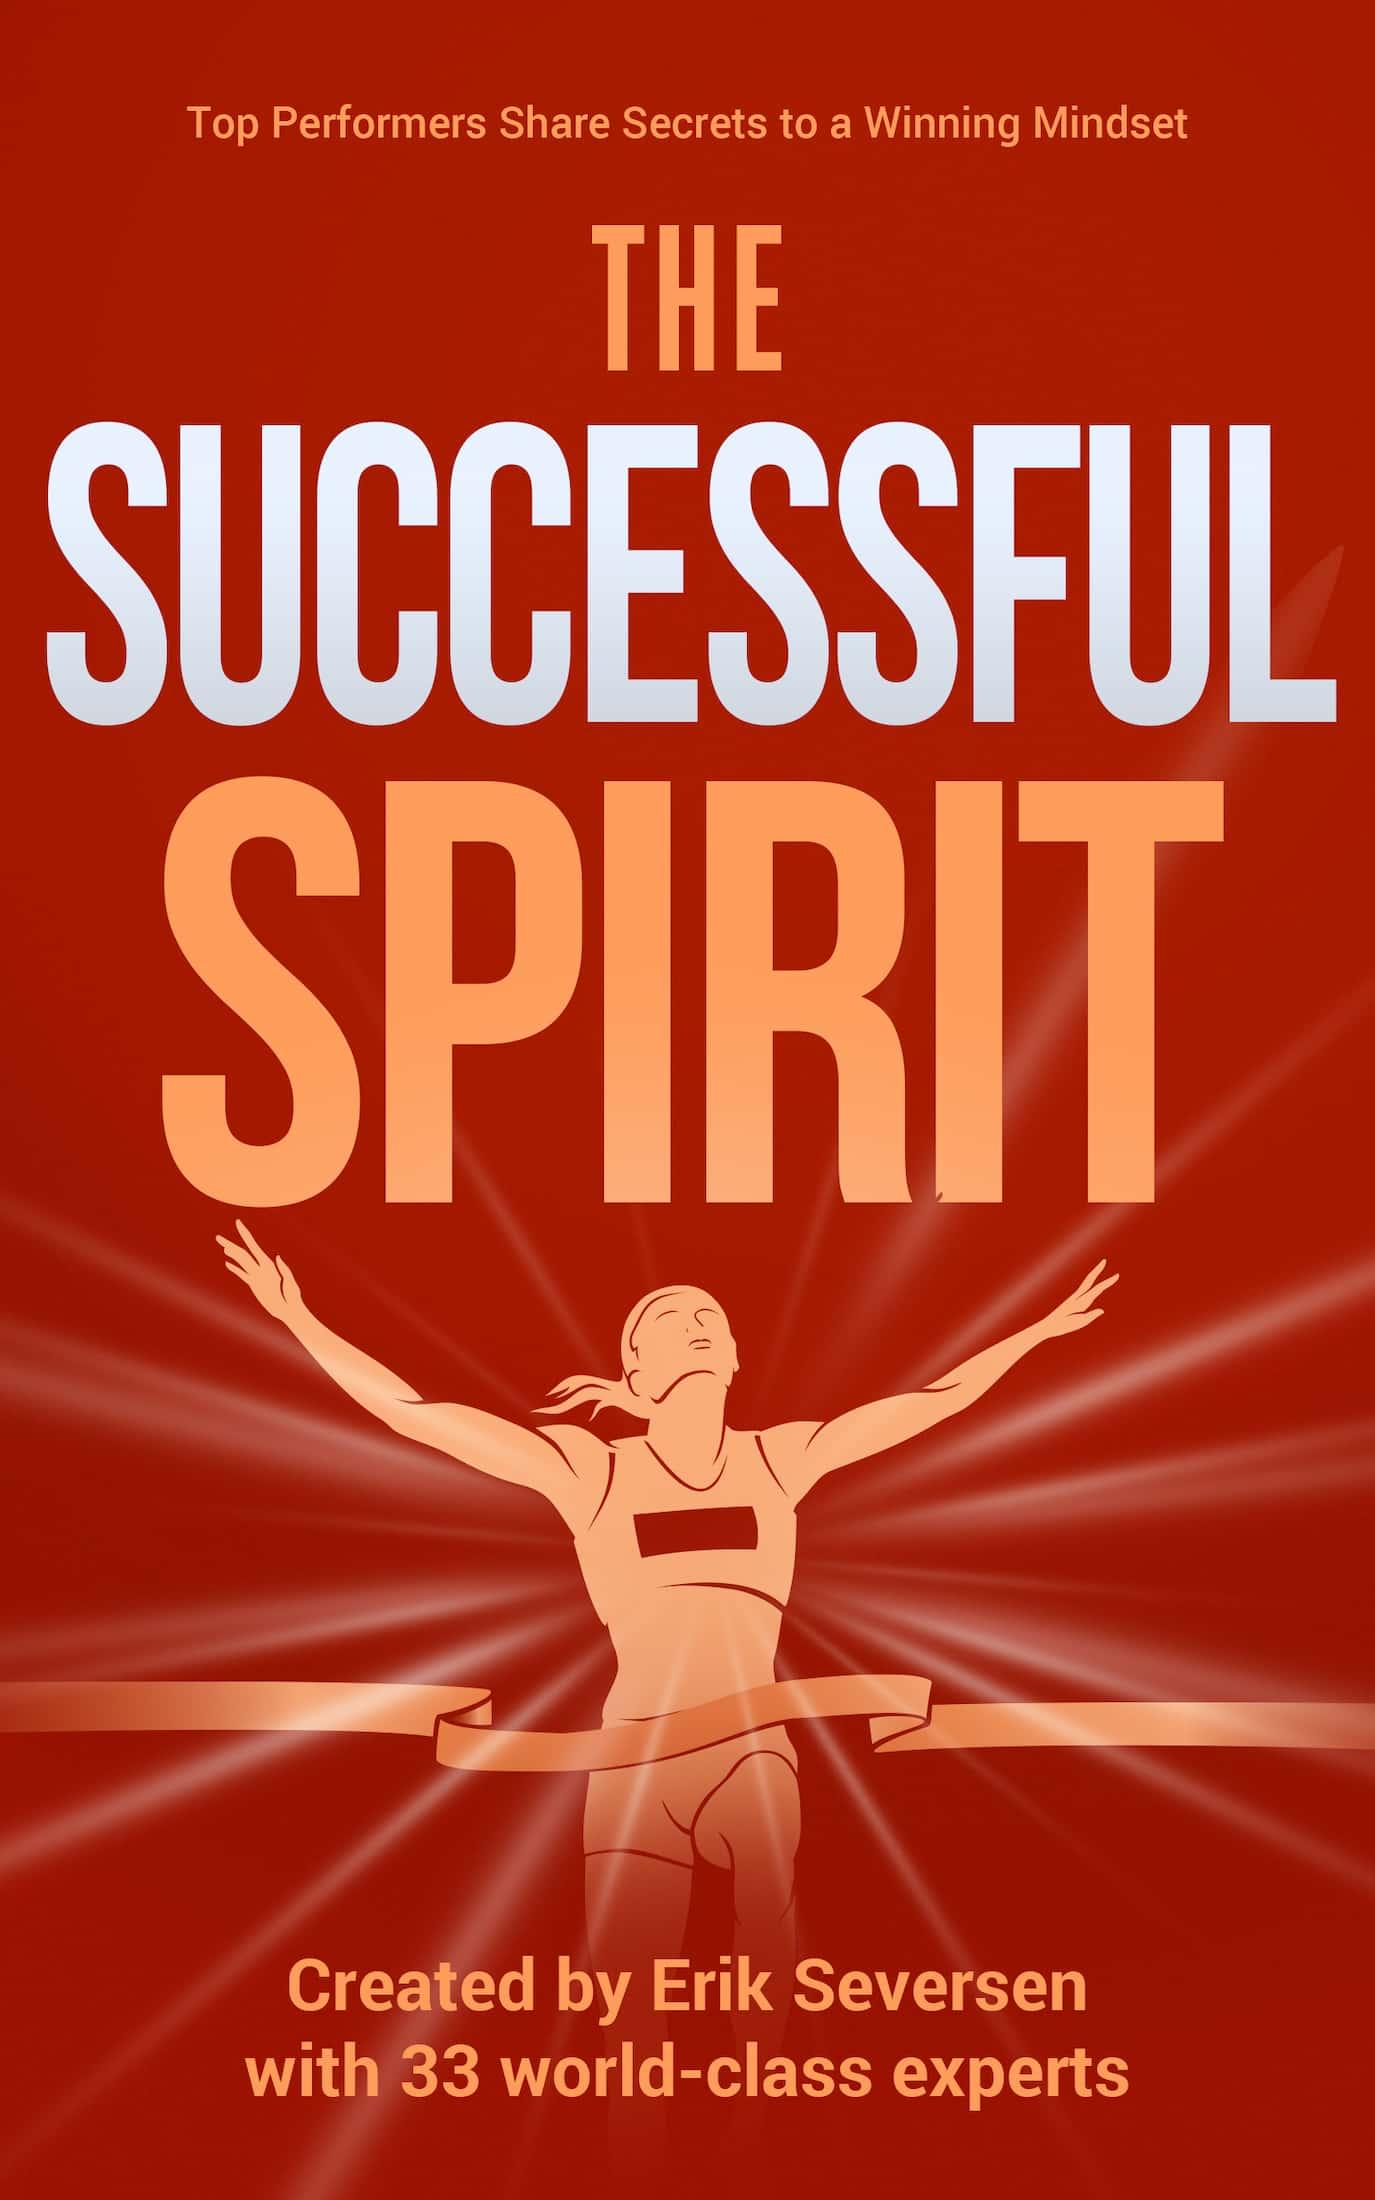 The Successful Spirit eBook Cover copy